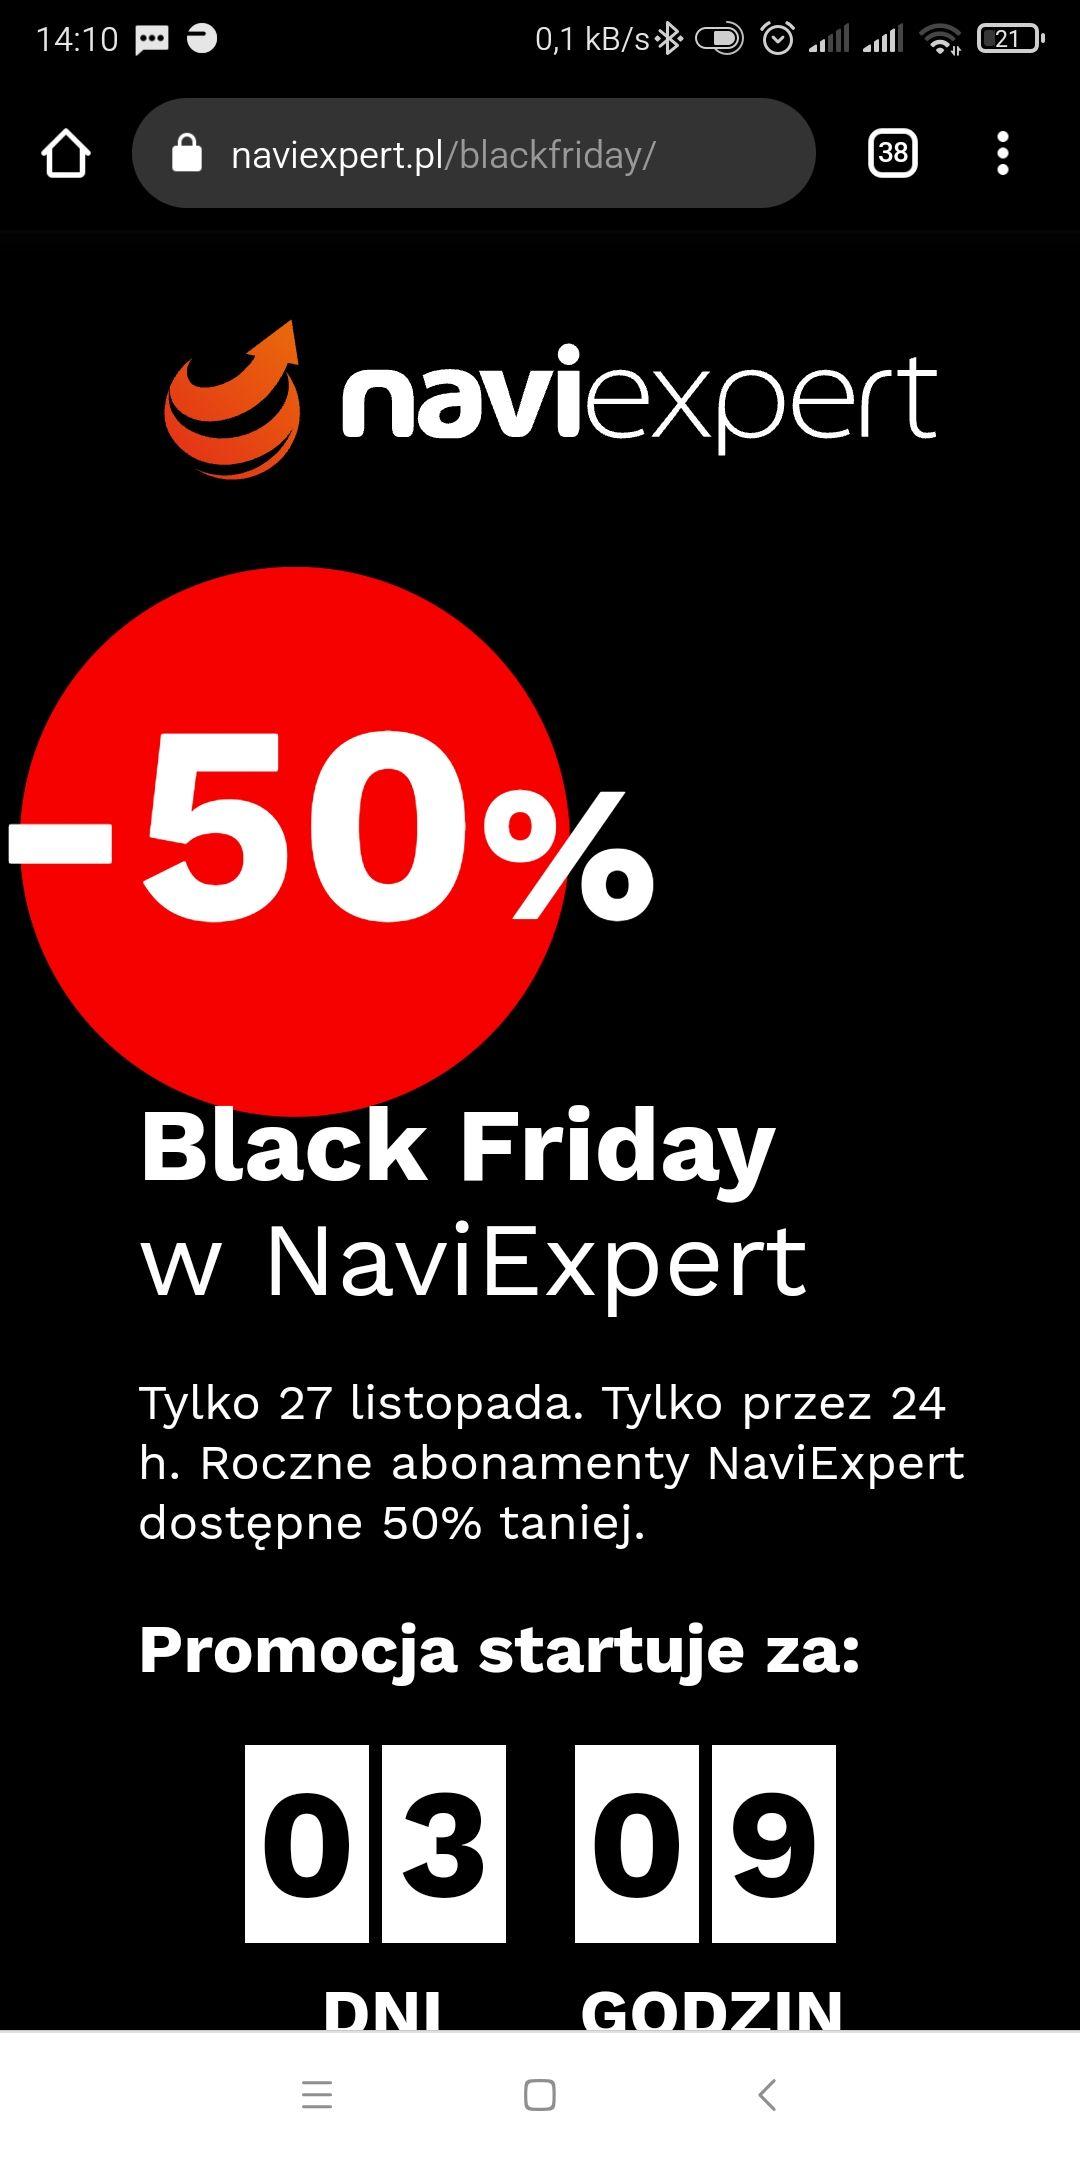 NaviExpert -50% ma roczne abonamenty